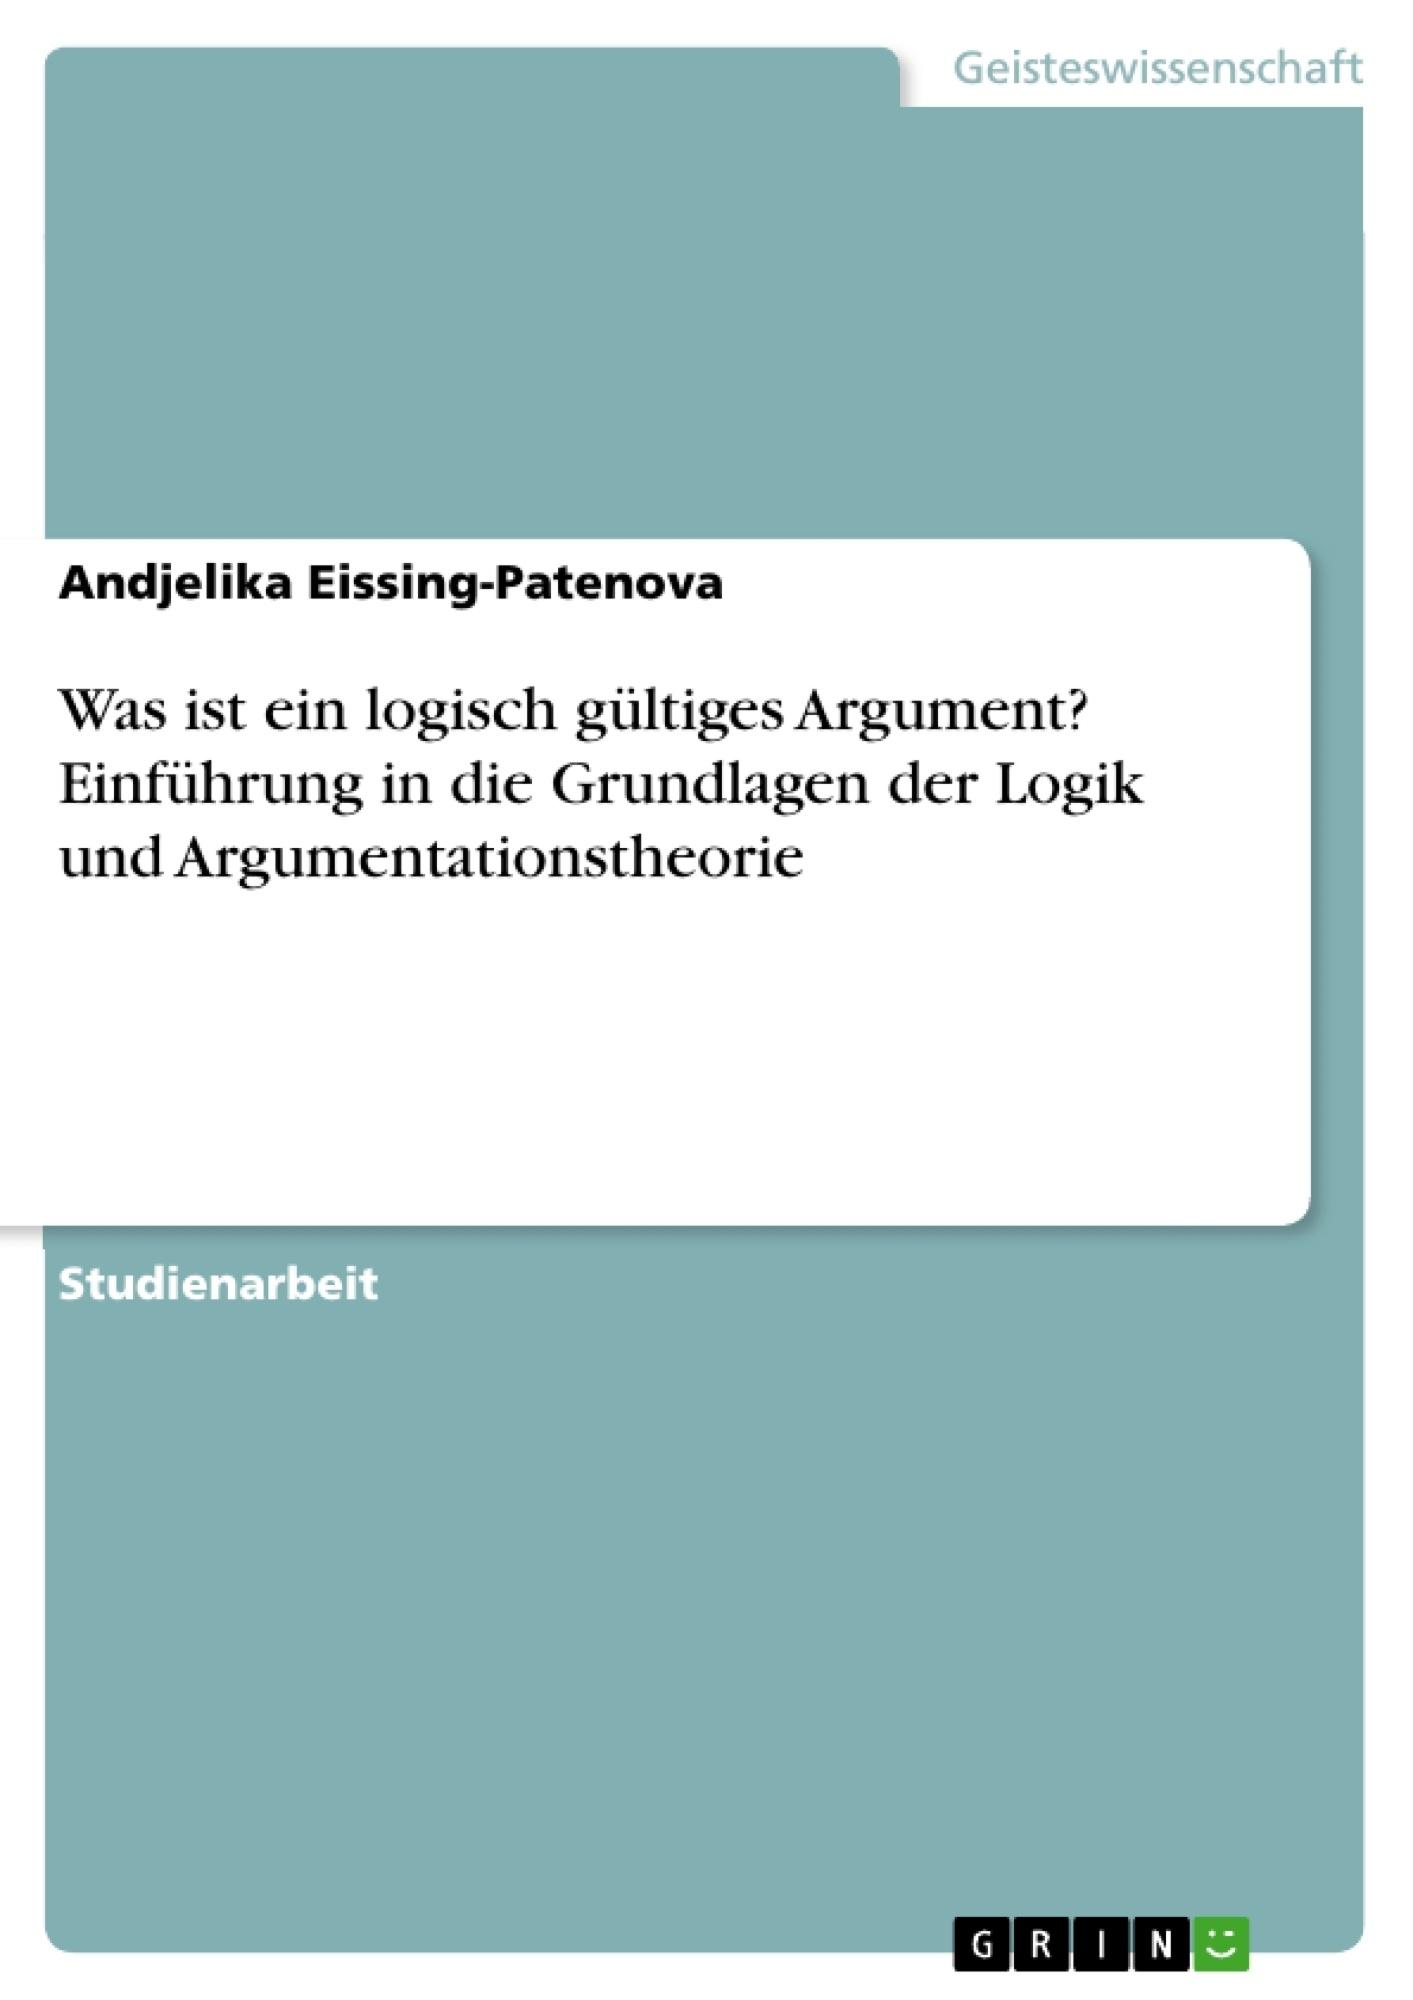 Titel: Was ist ein logisch gültiges Argument? Einführung in die Grundlagen der Logik und Argumentationstheorie